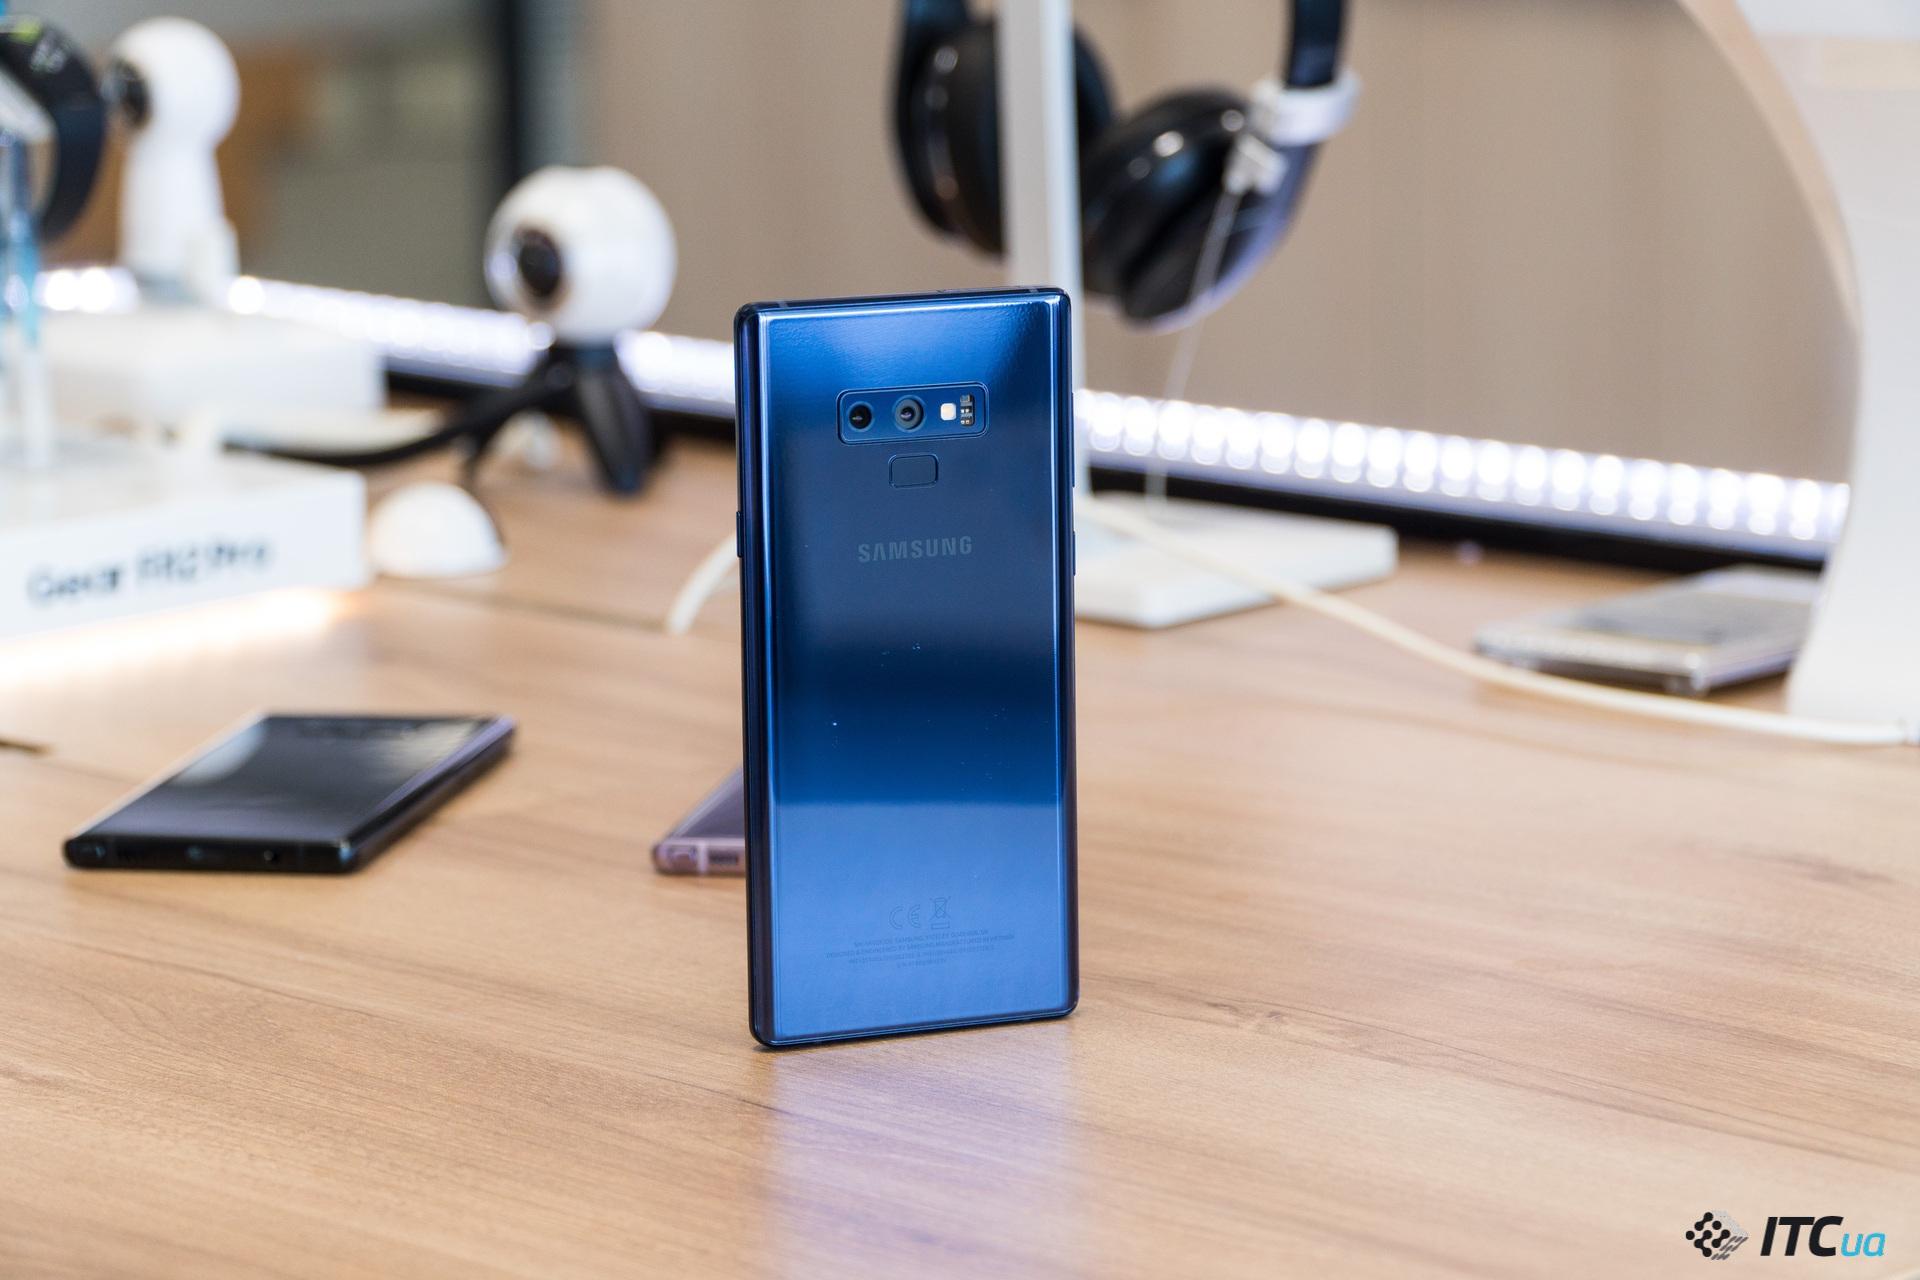 Первый взгляд на смартфон Samsung Galaxy Note9